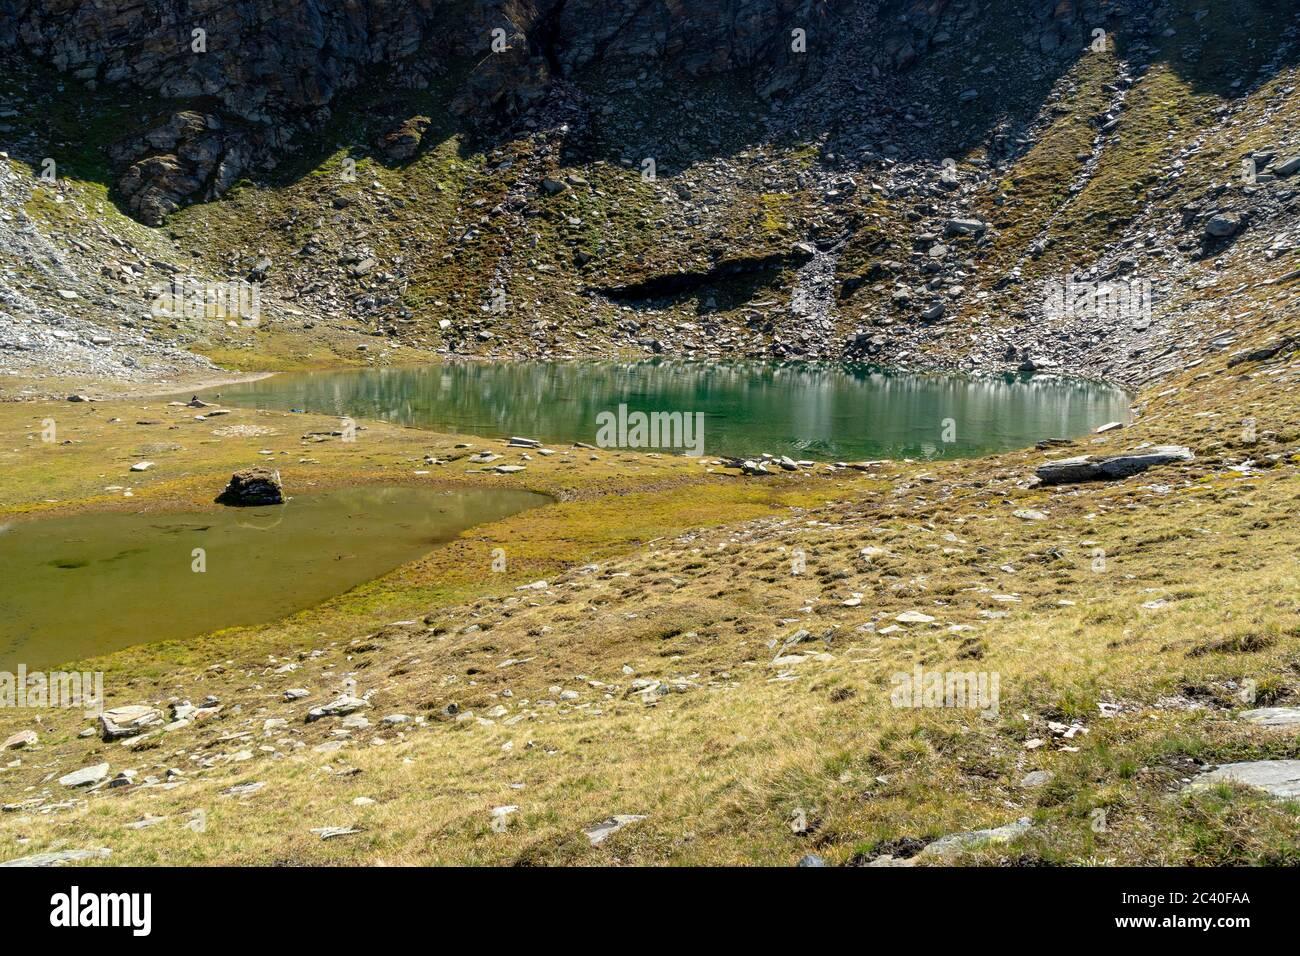 Der Ampervreilsee auf der Alp Ampervreila am Fuss von Guraletschhorn und Ampervreilhorn. Zervreila-Region, Valser Tal, Graubünden. Stock Photo